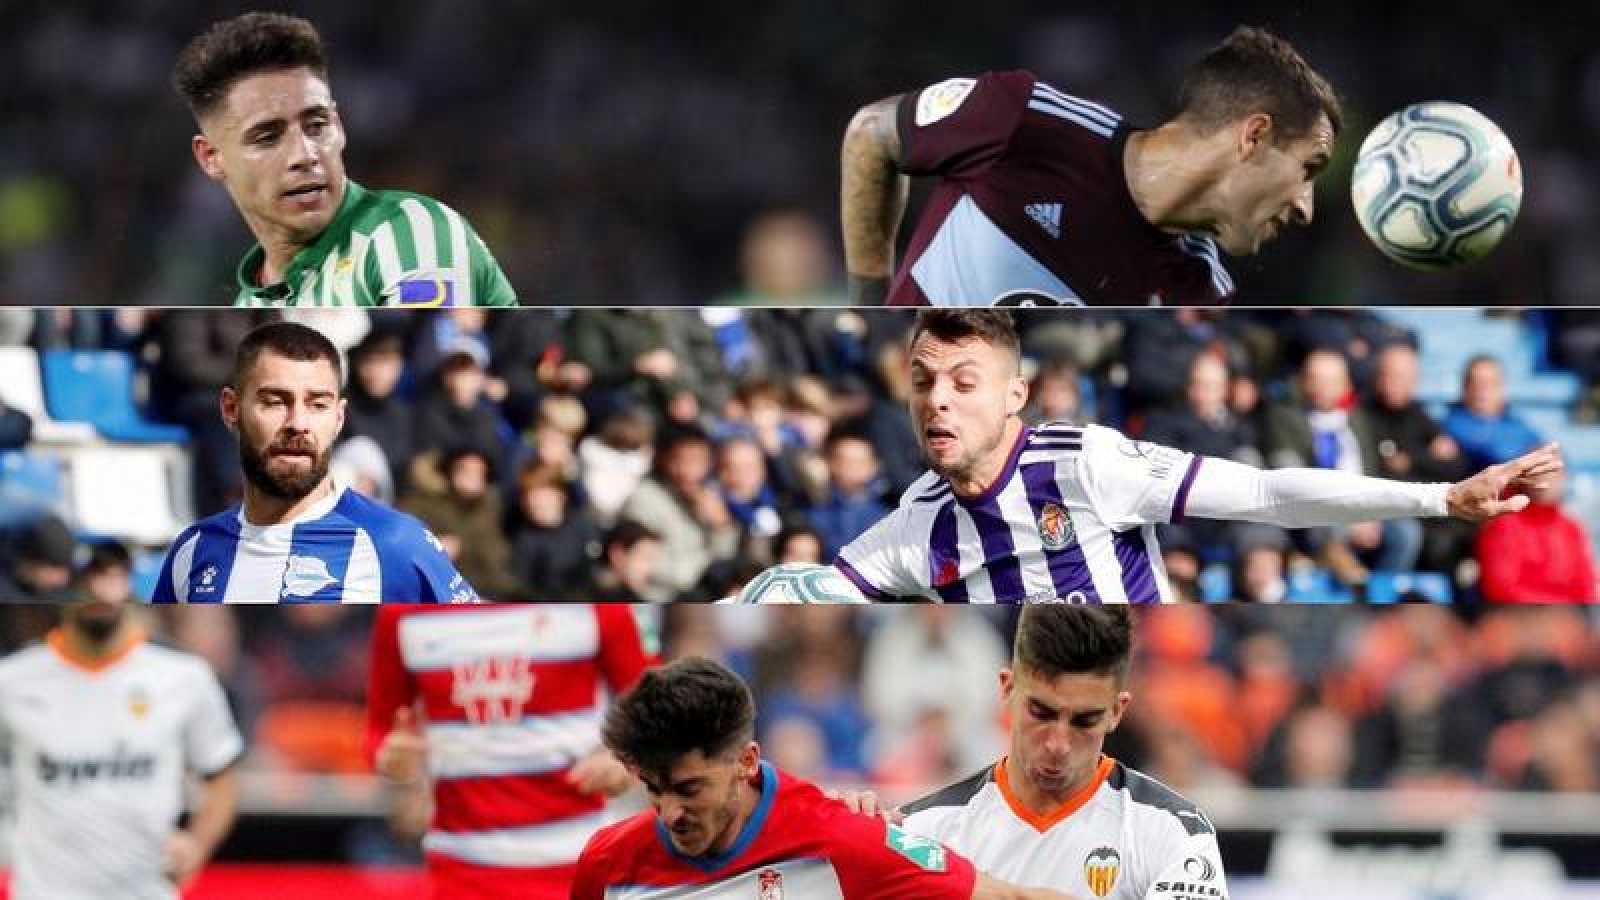 Montaje con imágenes de los partidos Betis-Celta, Alavés-Valladolid y Valencia-Granada.